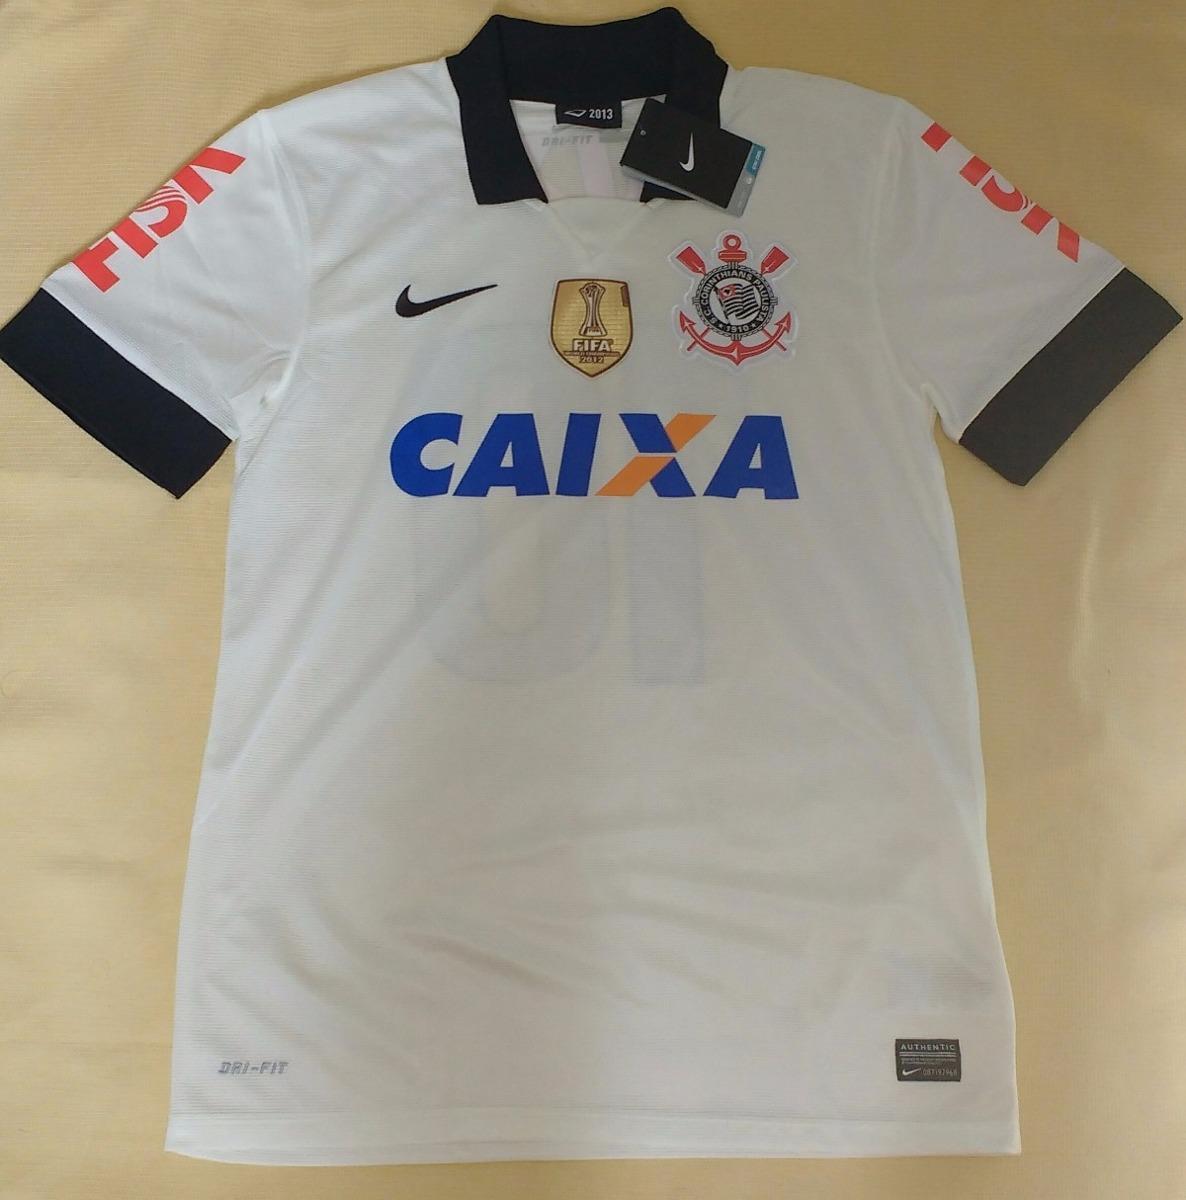 camisa corinthians patch escudo fifa 2012 2013 100% nike. Carregando zoom. d5076e257f660